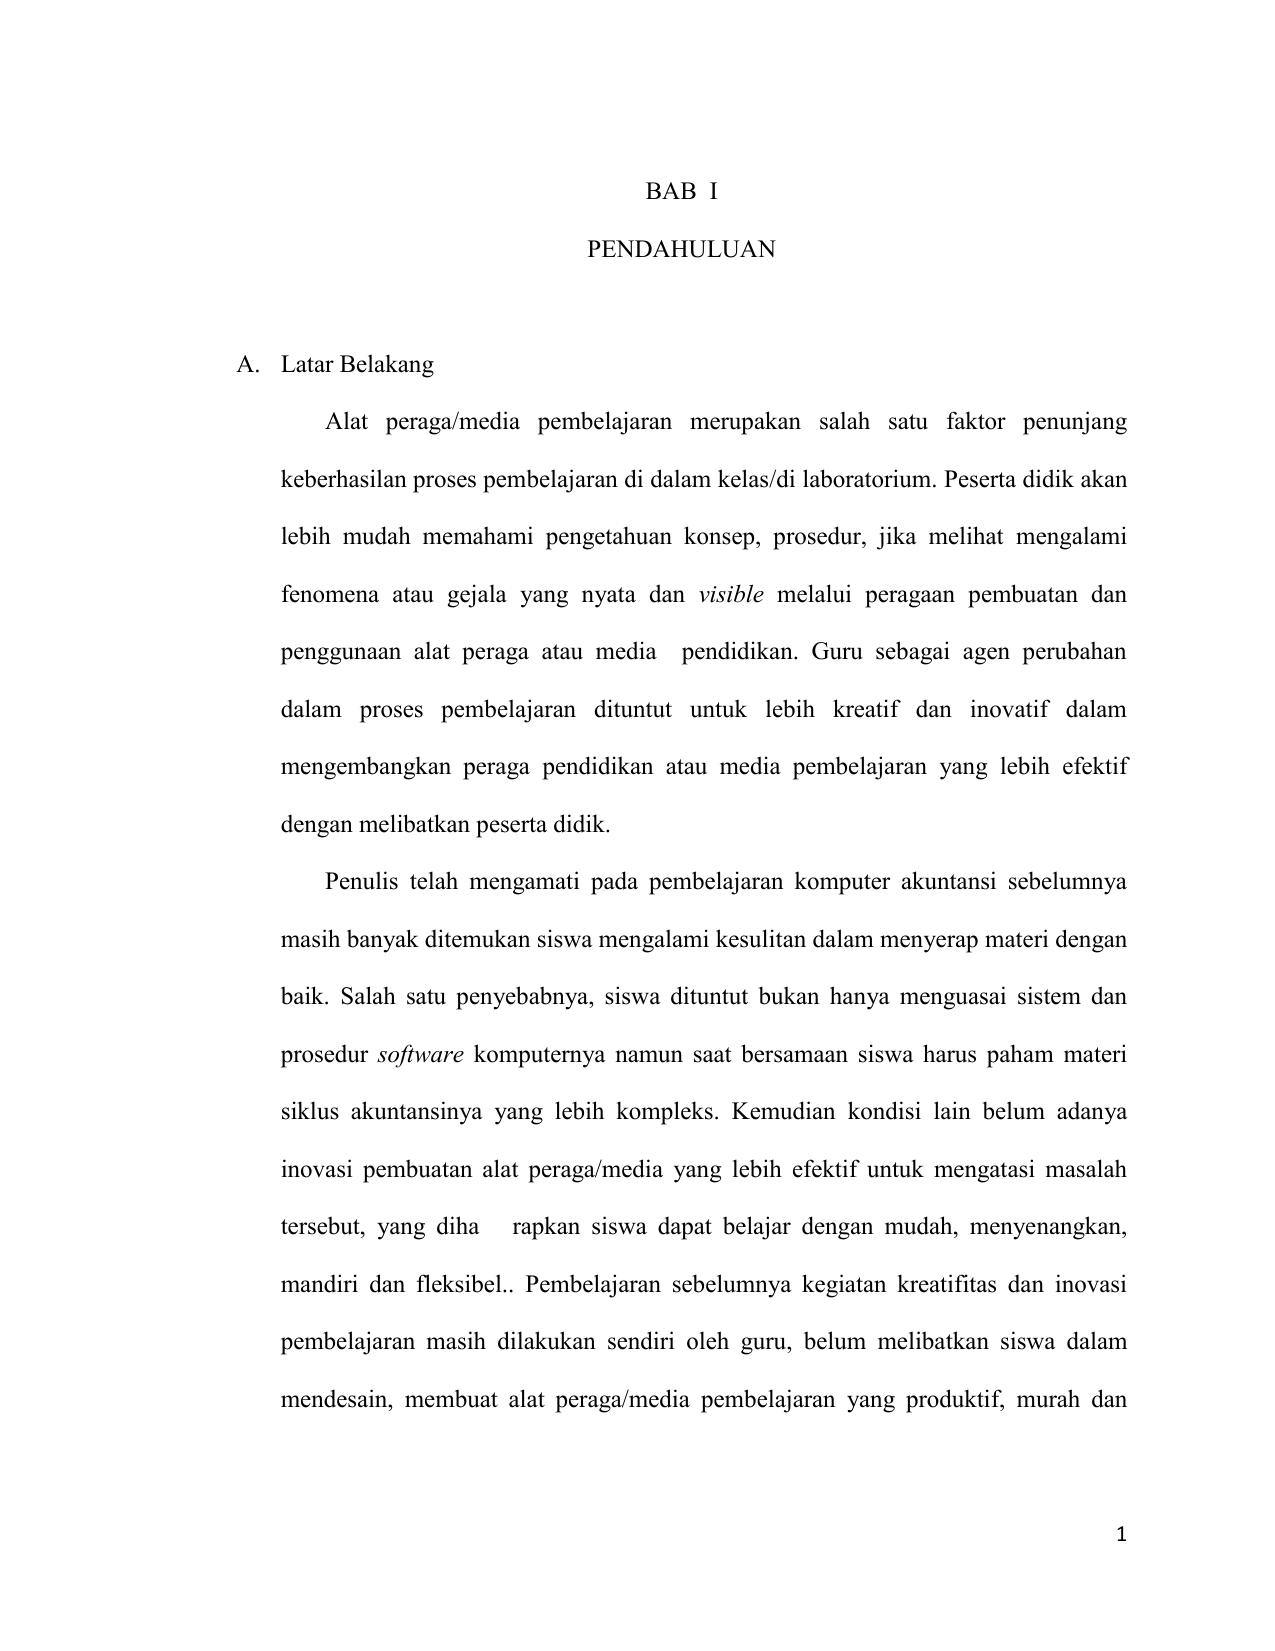 Laporan Hasil Karya Inovatif Jumardin Smkn 2 Balikpapan